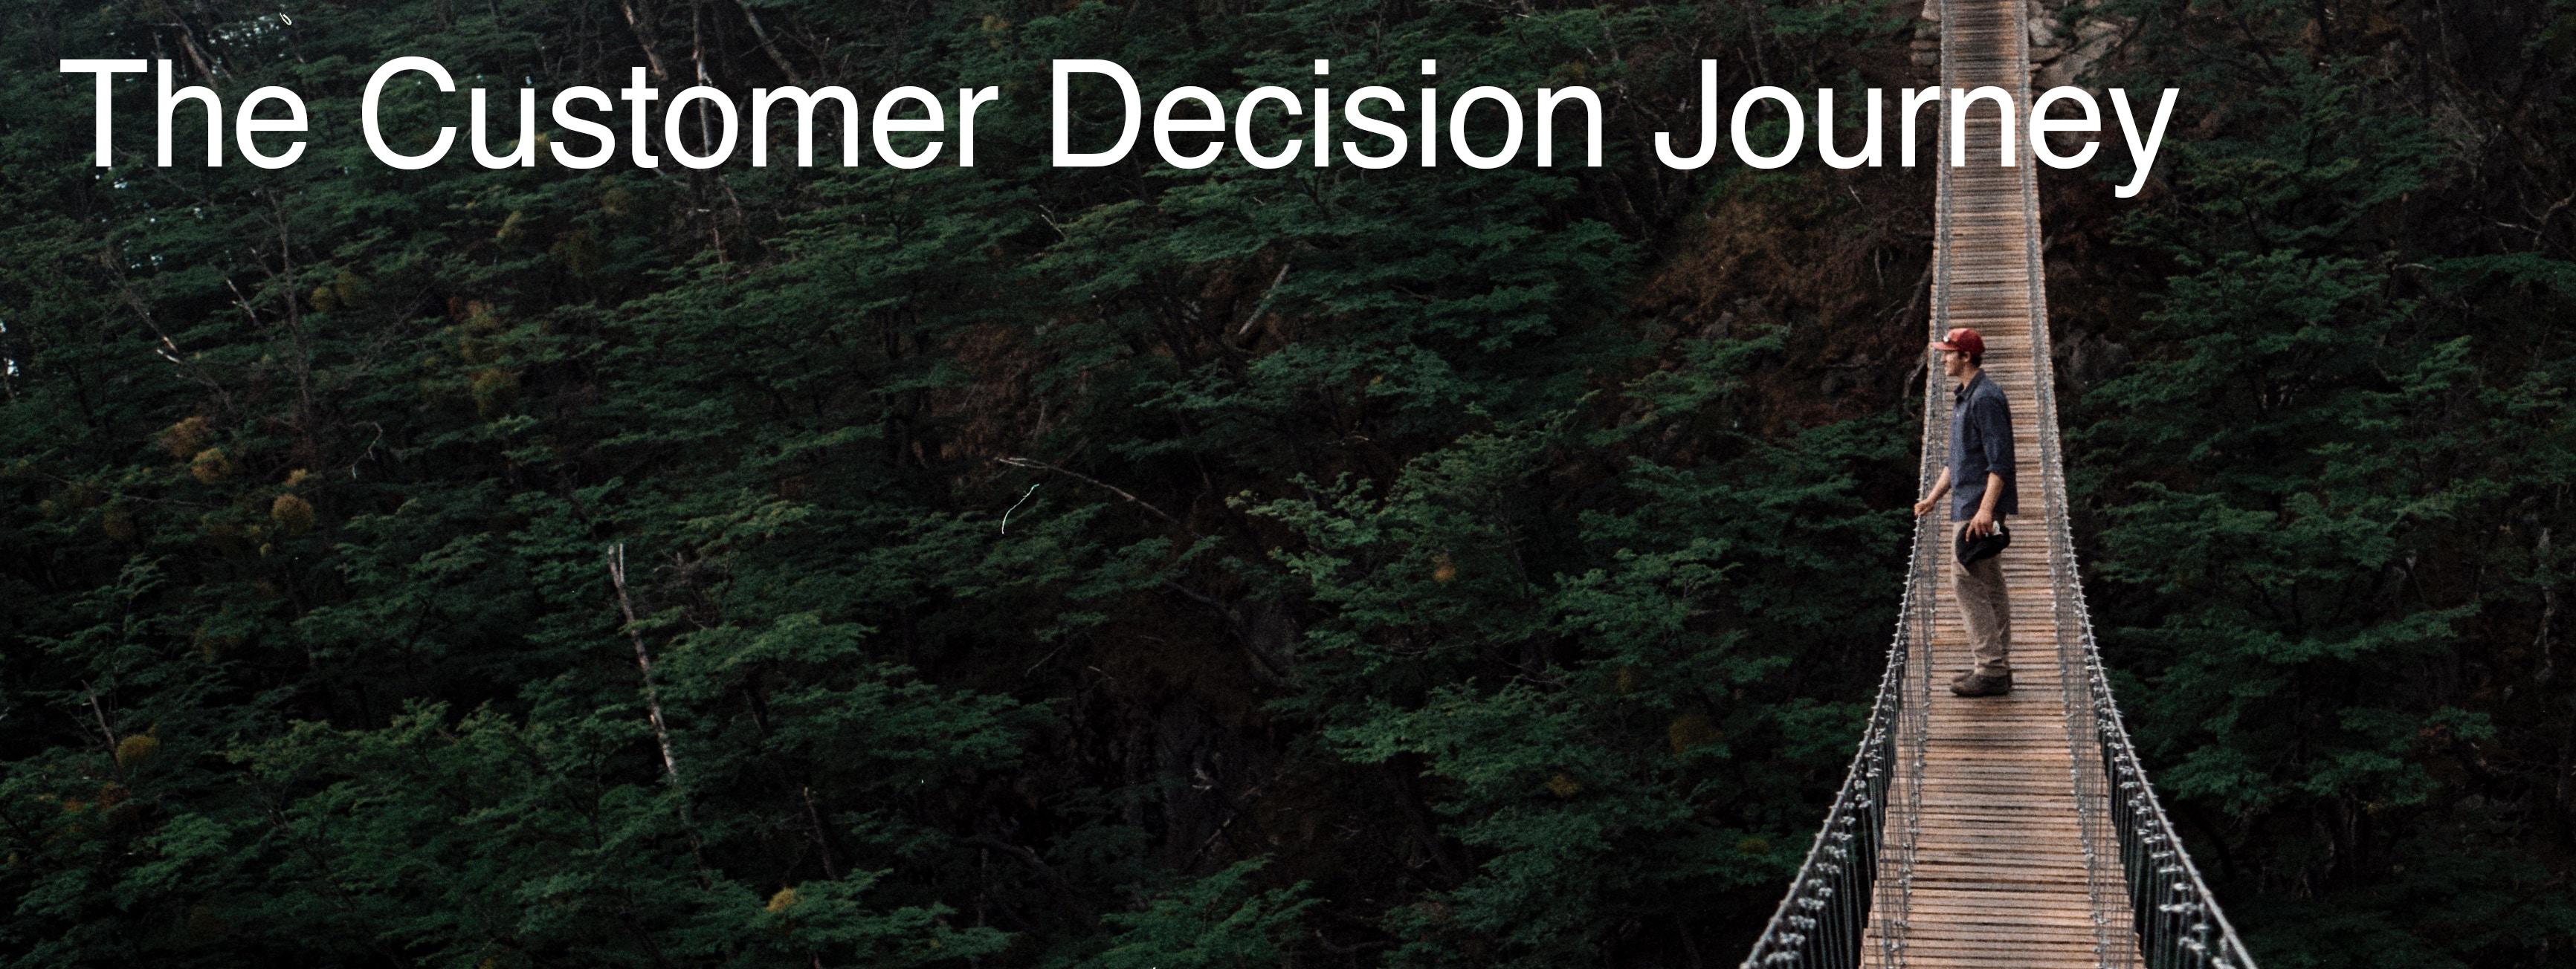 The Customer Decision Journey cyprus cyprusinno cyinno knowledge lab copy